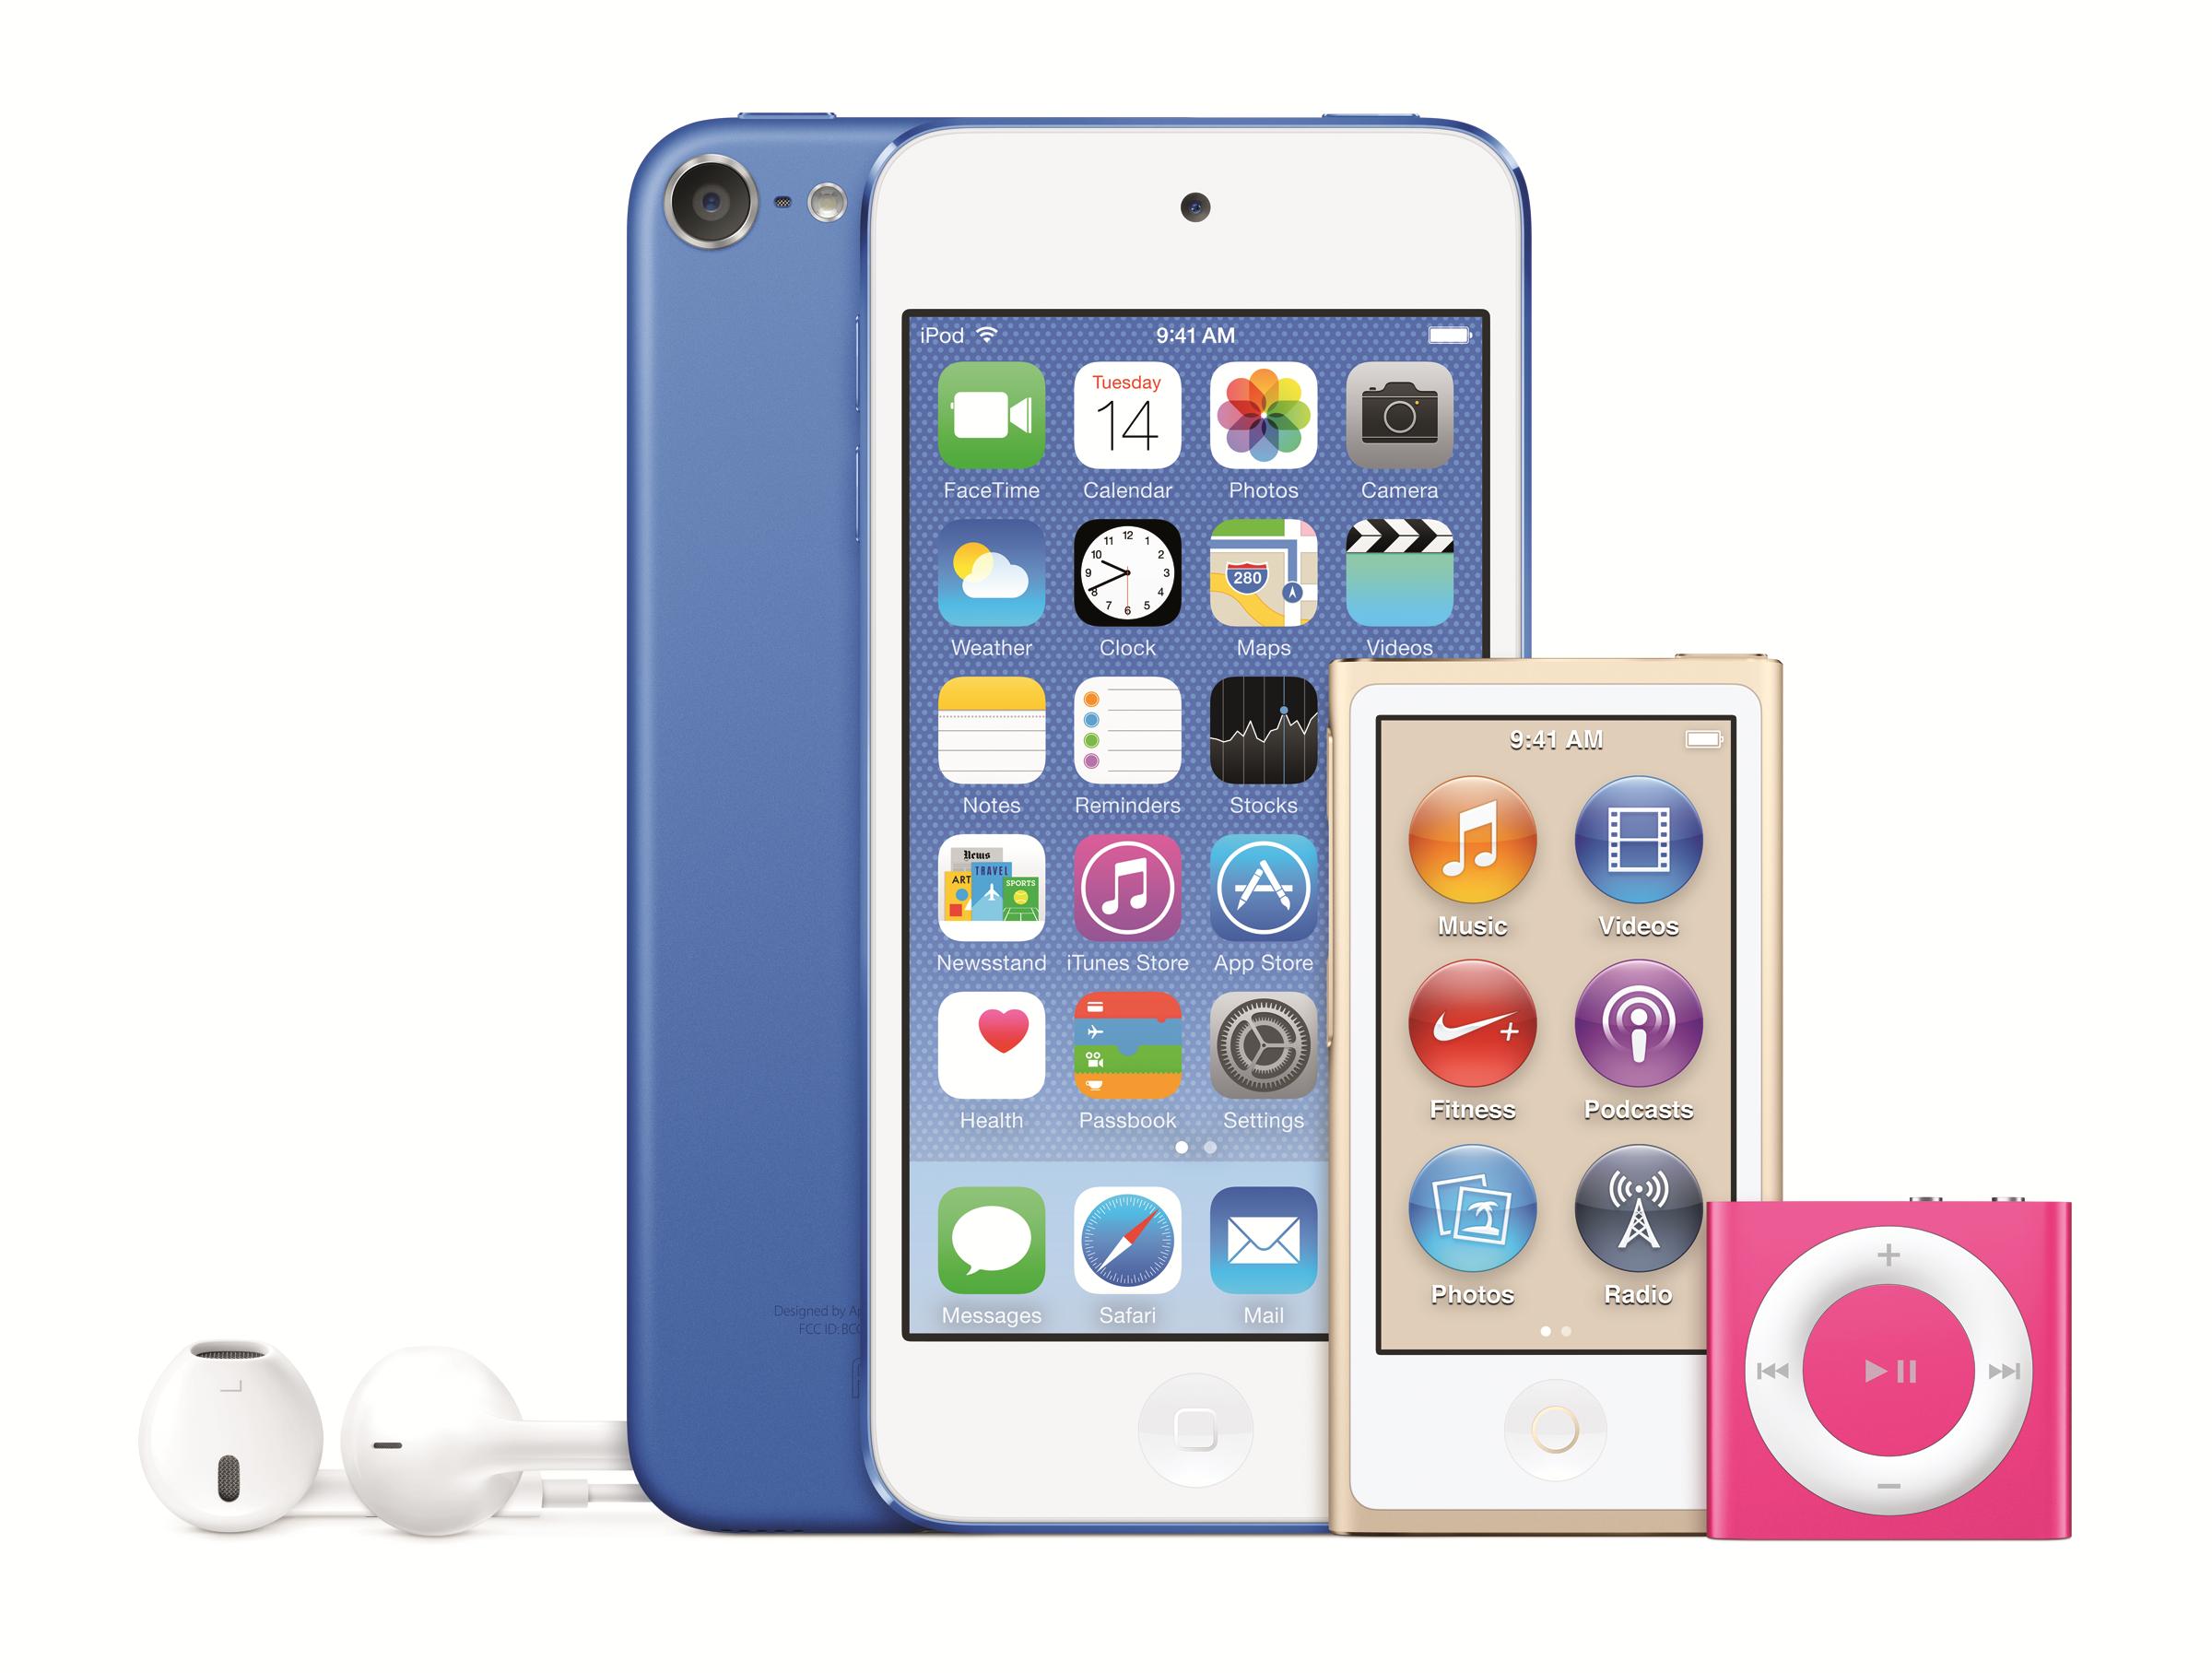 Hele iPod-familien, som nå fås i nye farger. Foto: Apple